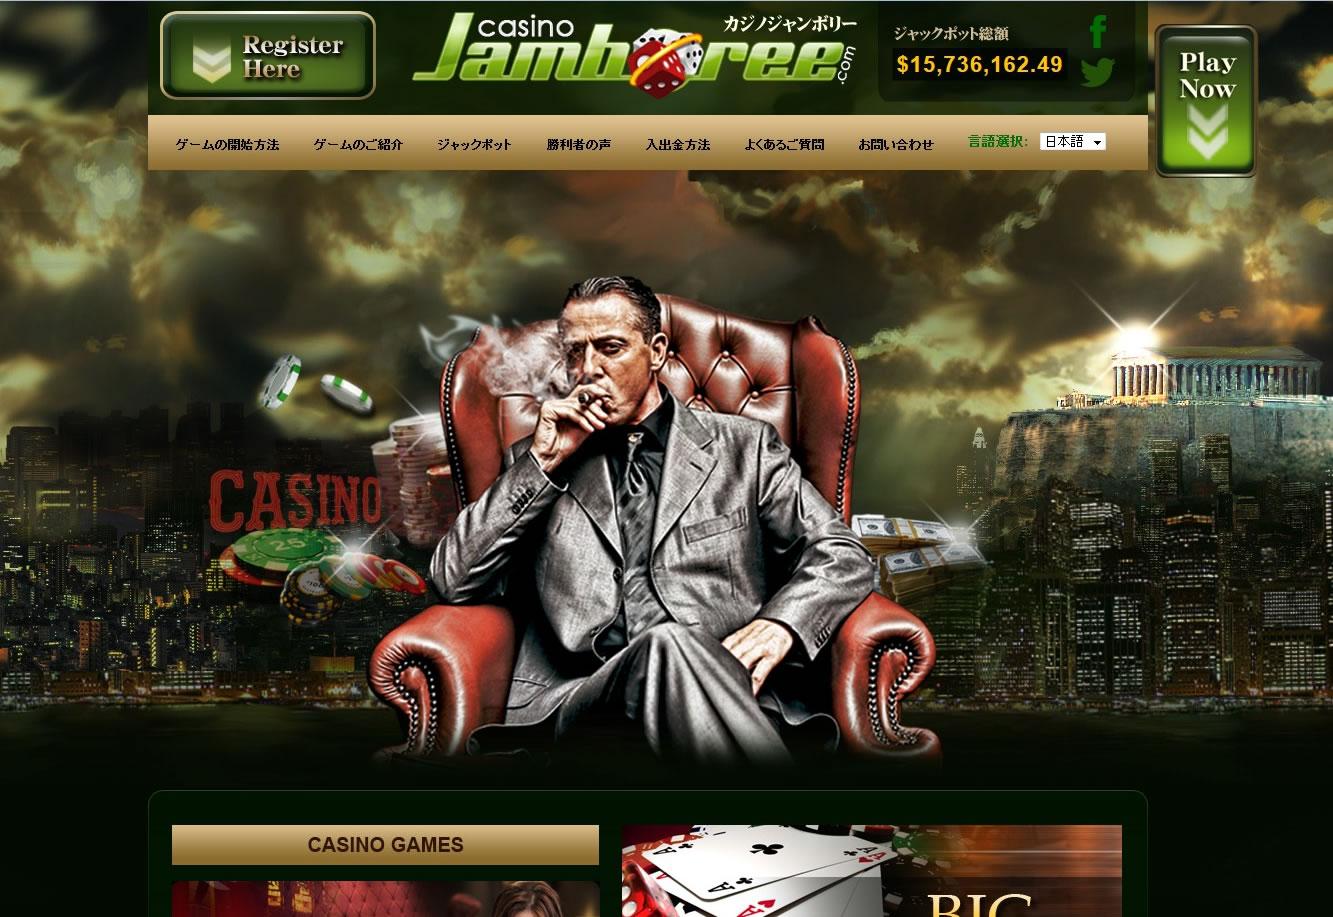 カジノジャンボリーの公式イメージ